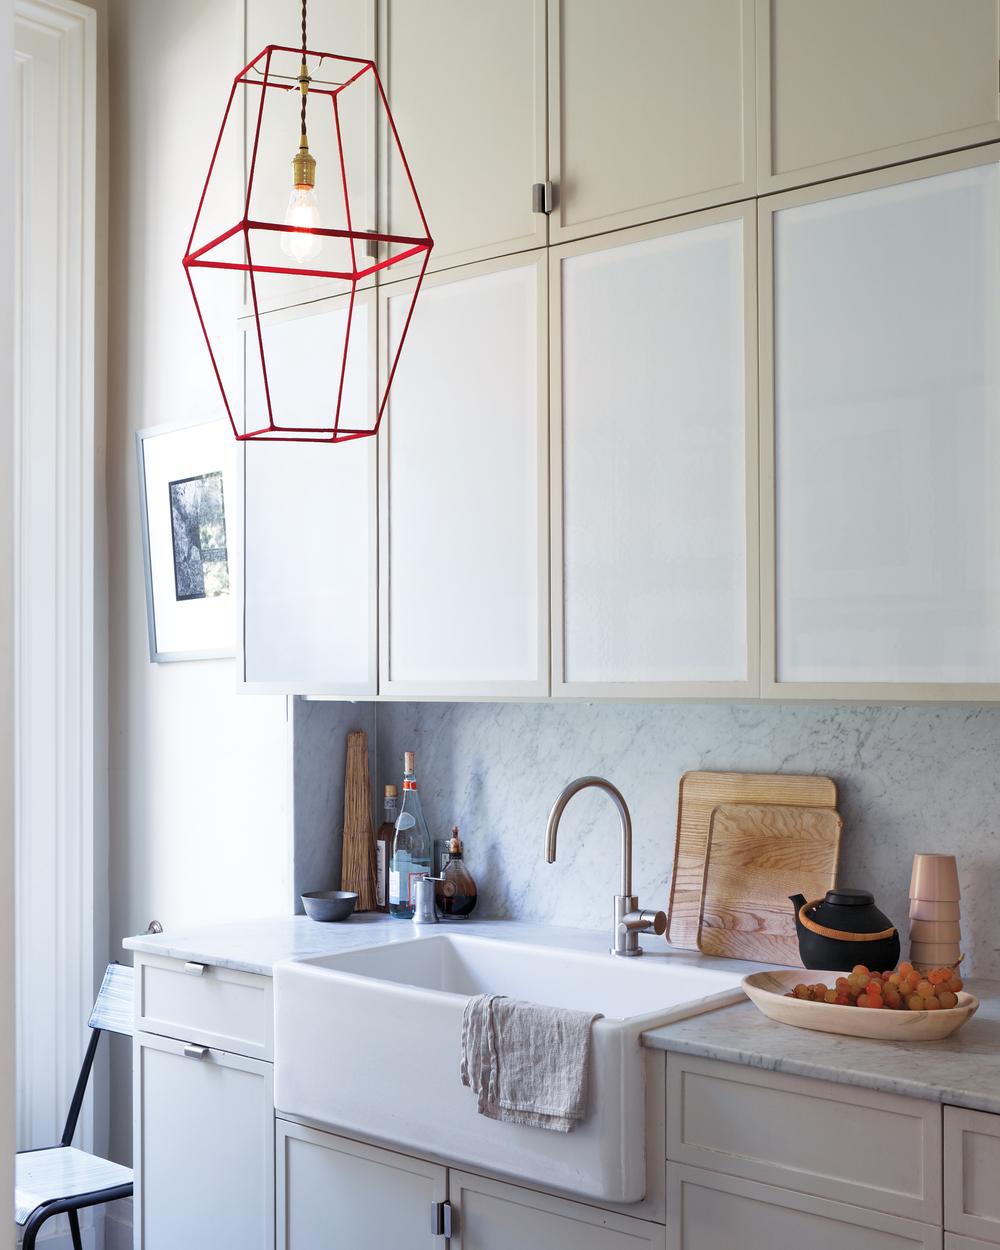 D110260-kitchen-redlamp-035-notowel.jpg